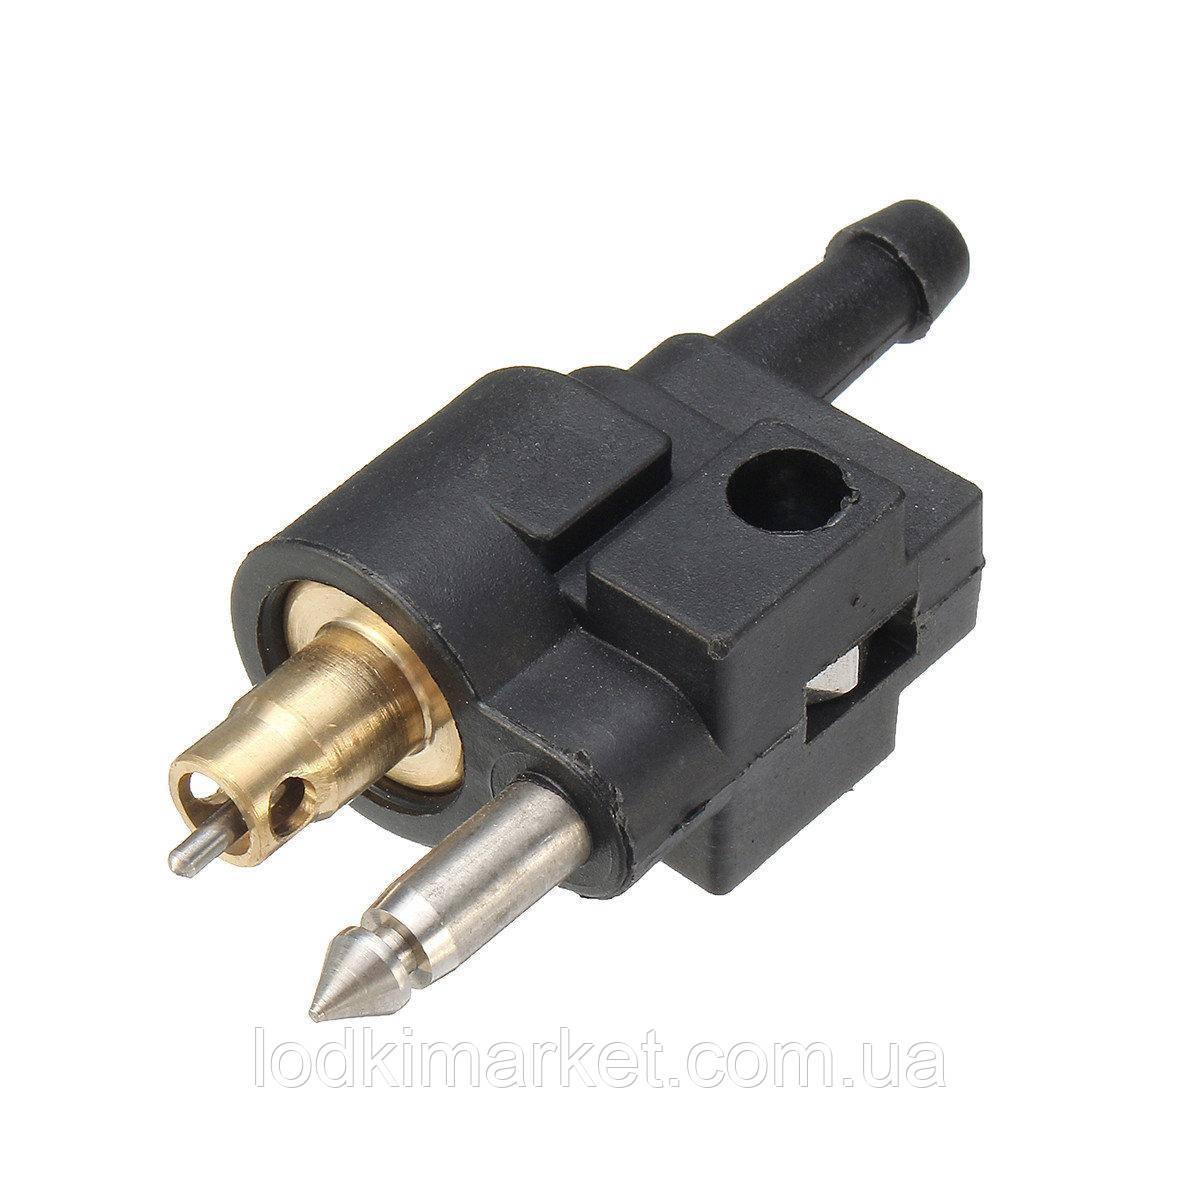 """Паливний коннектор """"тато"""" для моторів Mercury, Yamaha, Parsun, C14536"""